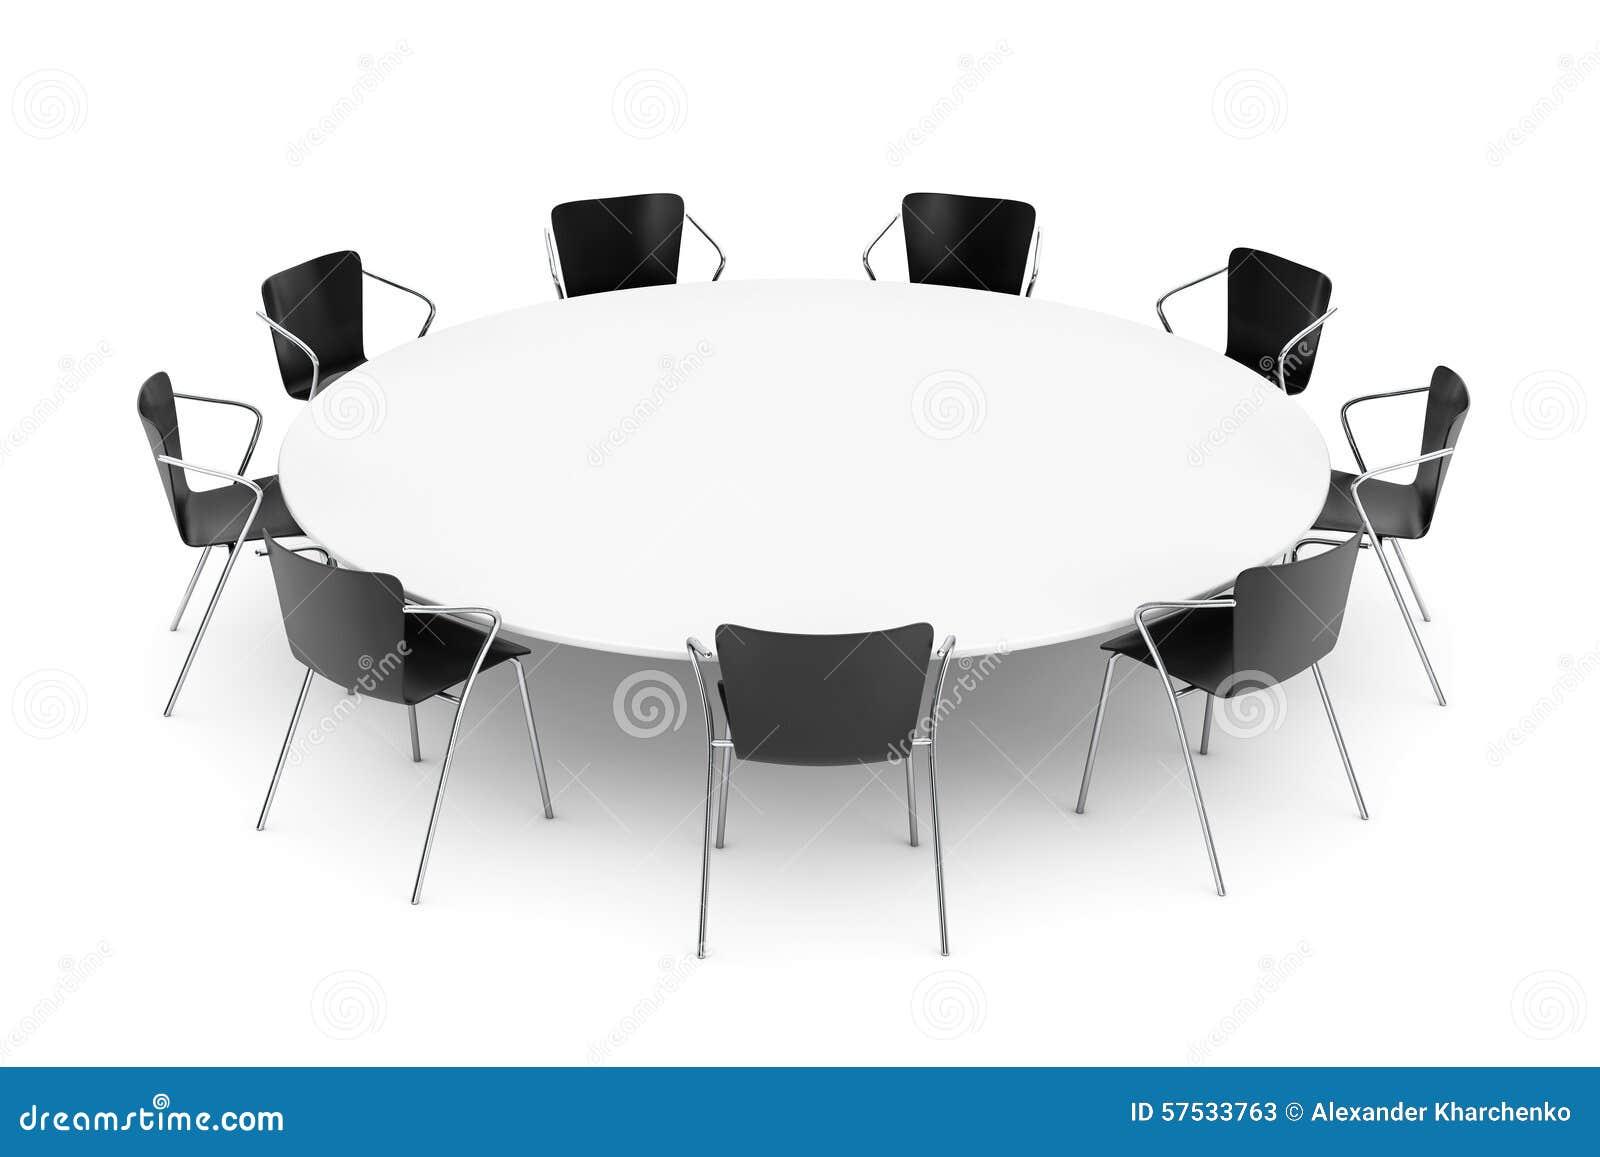 Mesa redonda con sillas stunning mesa redonda nori patas for Comedor redondo ampliable